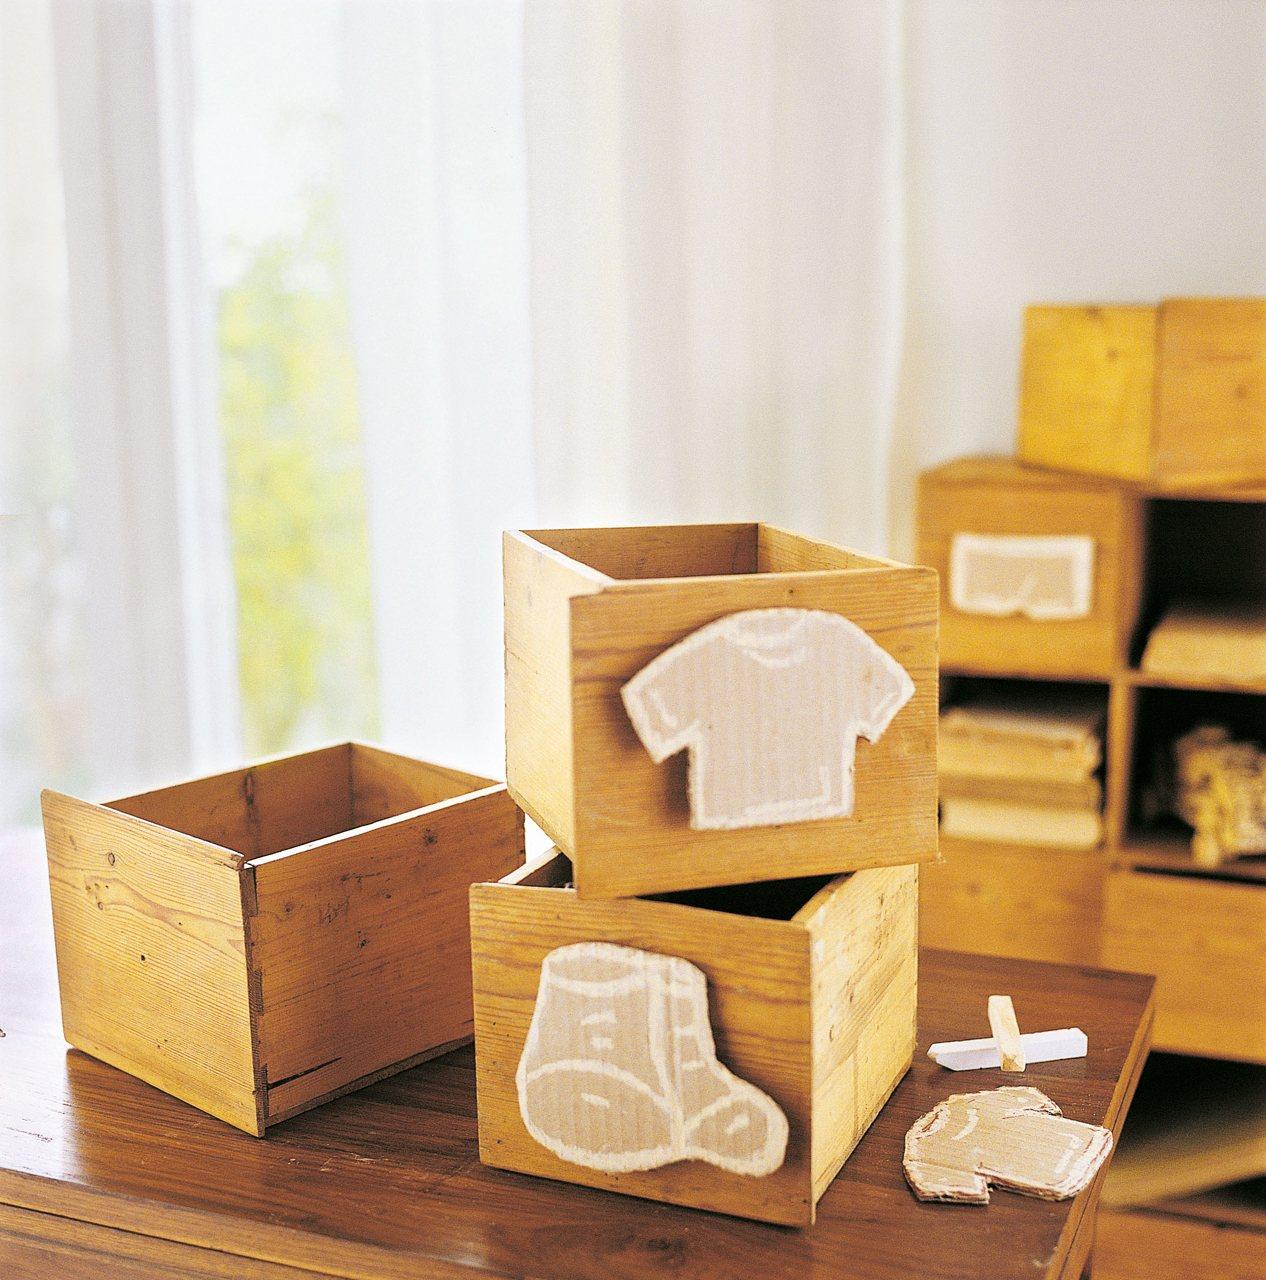 Cajas y cestos c mo ordenar las cosas peque as de casa for Cajas carton almacenaje